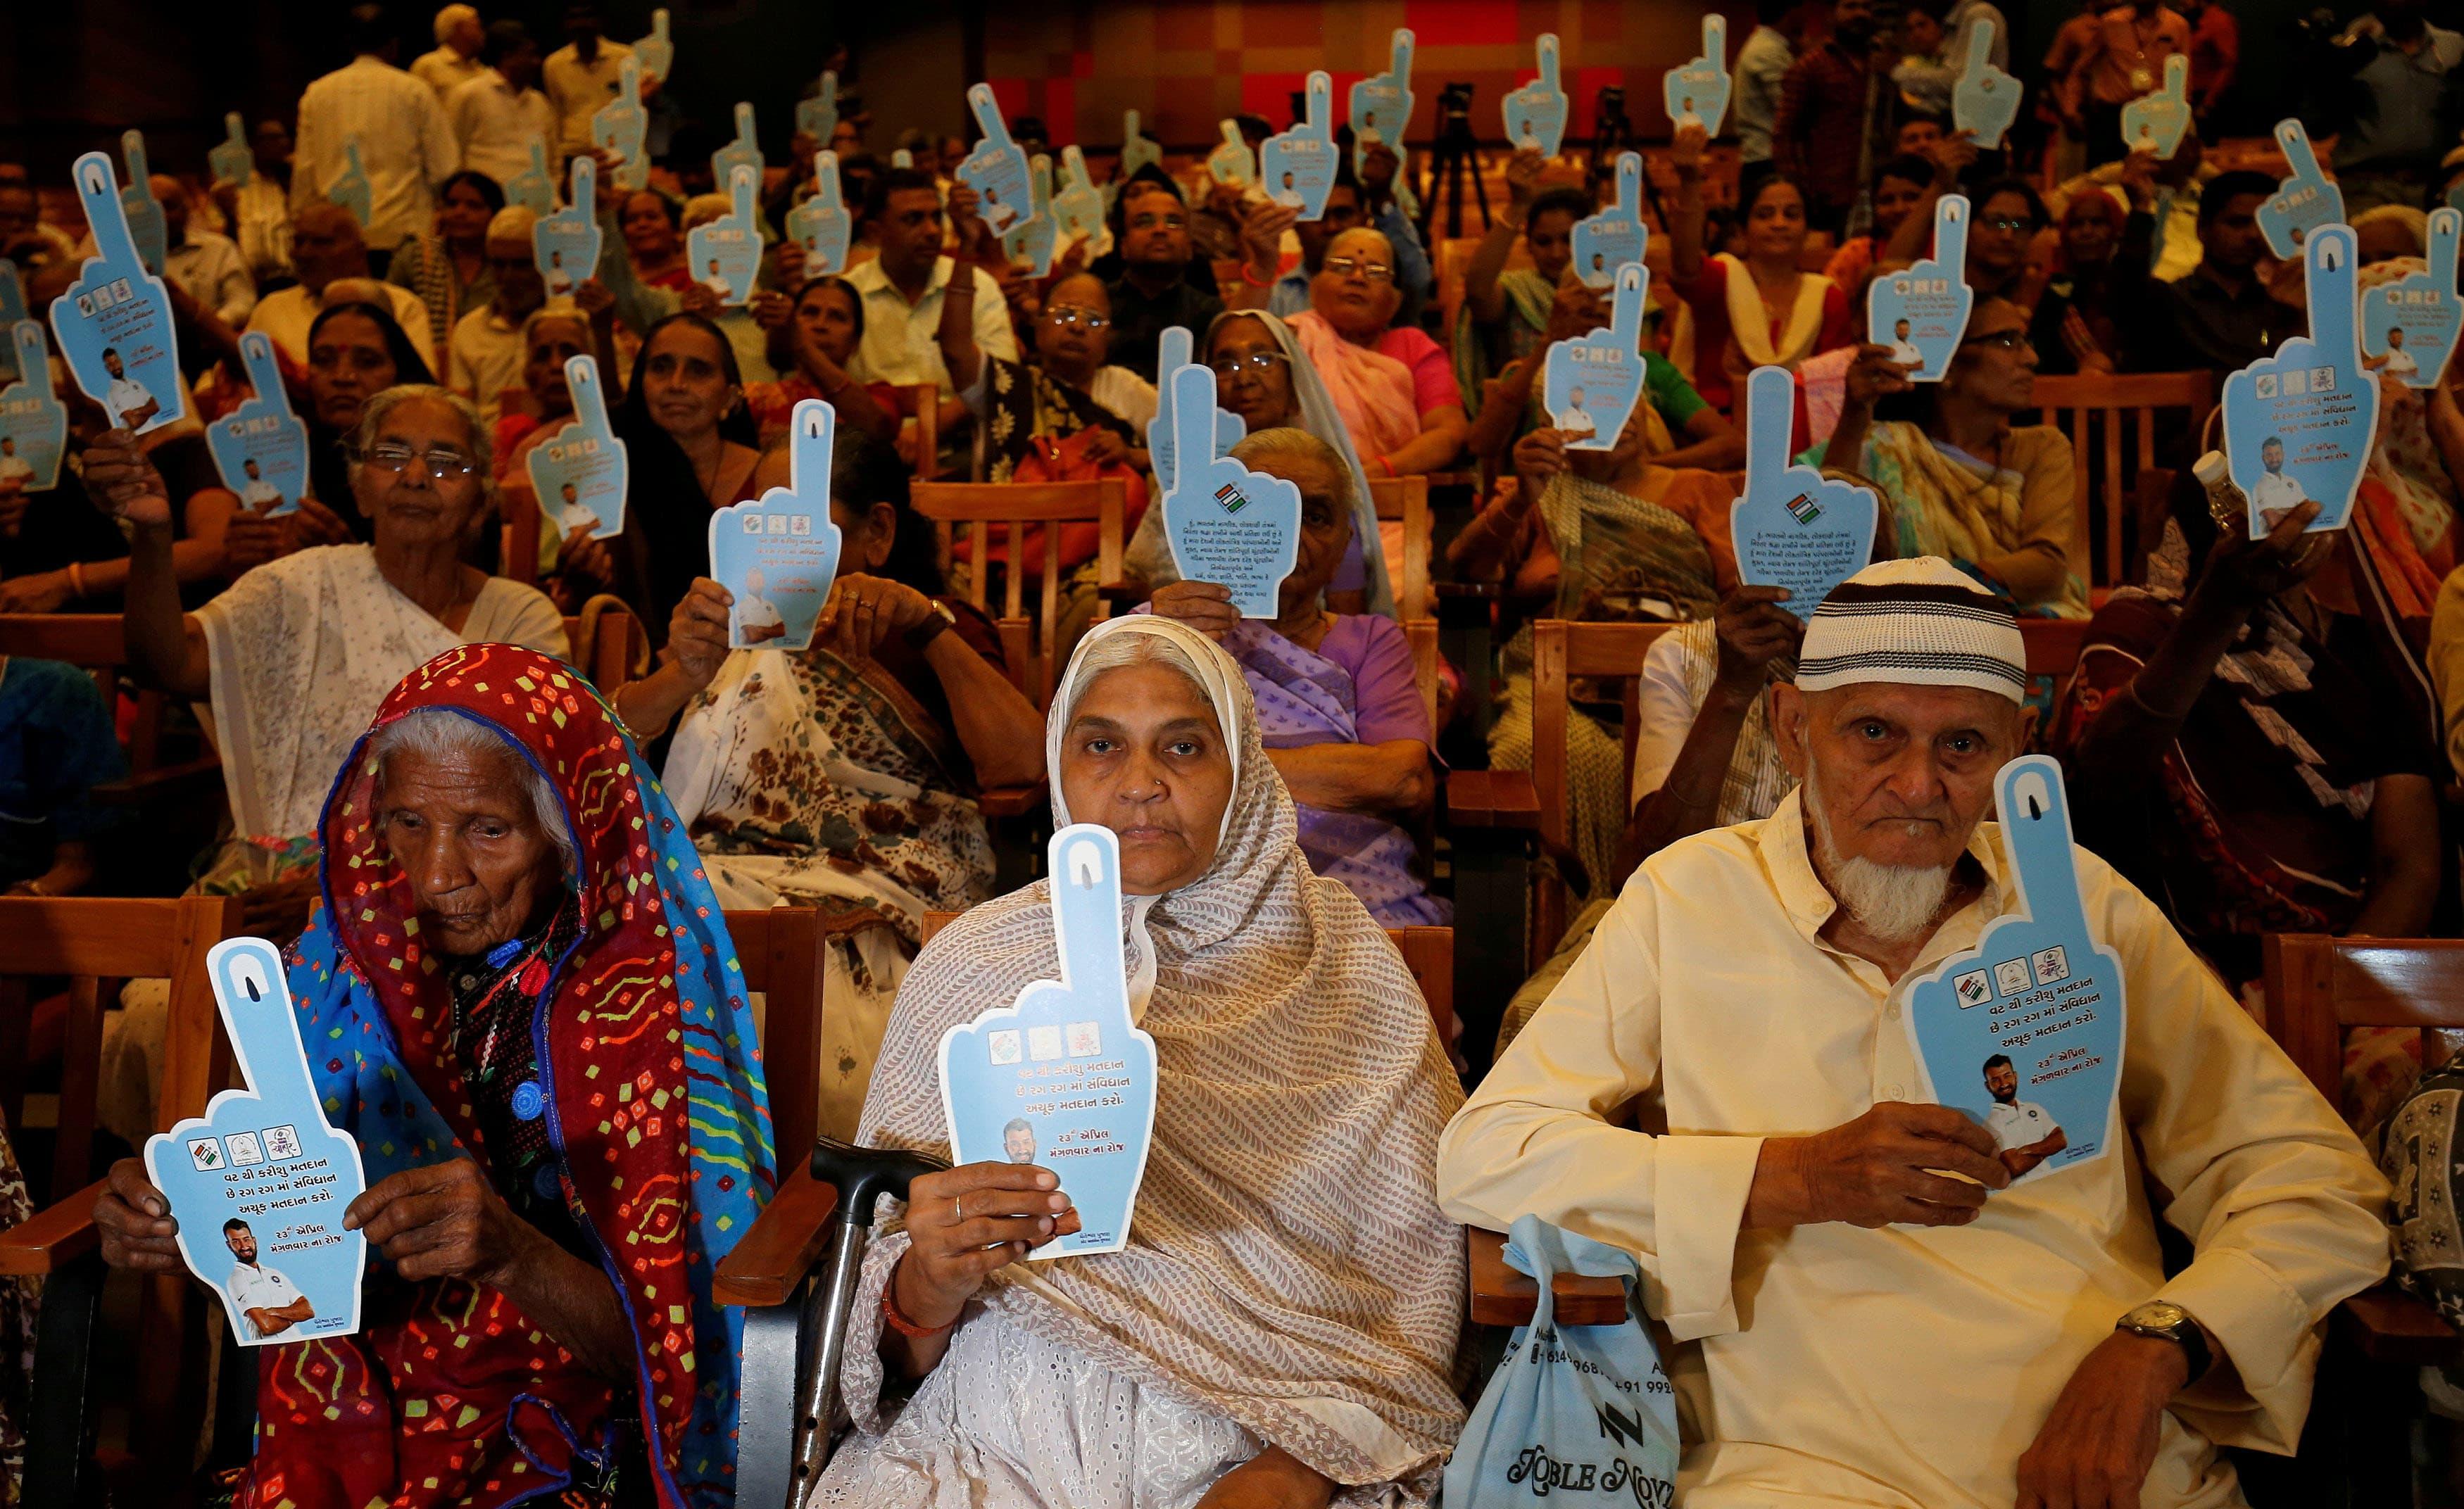 احمد آباد میں پولنگ کے دوران 100 سال سے زائد عمر کے افراد کے لیے ایک خصوصی تقریب کا بھی انعقاد کیا گیا جہاں انہیں ایوارڈز دیے گئے —فوٹو/ رائٹرز